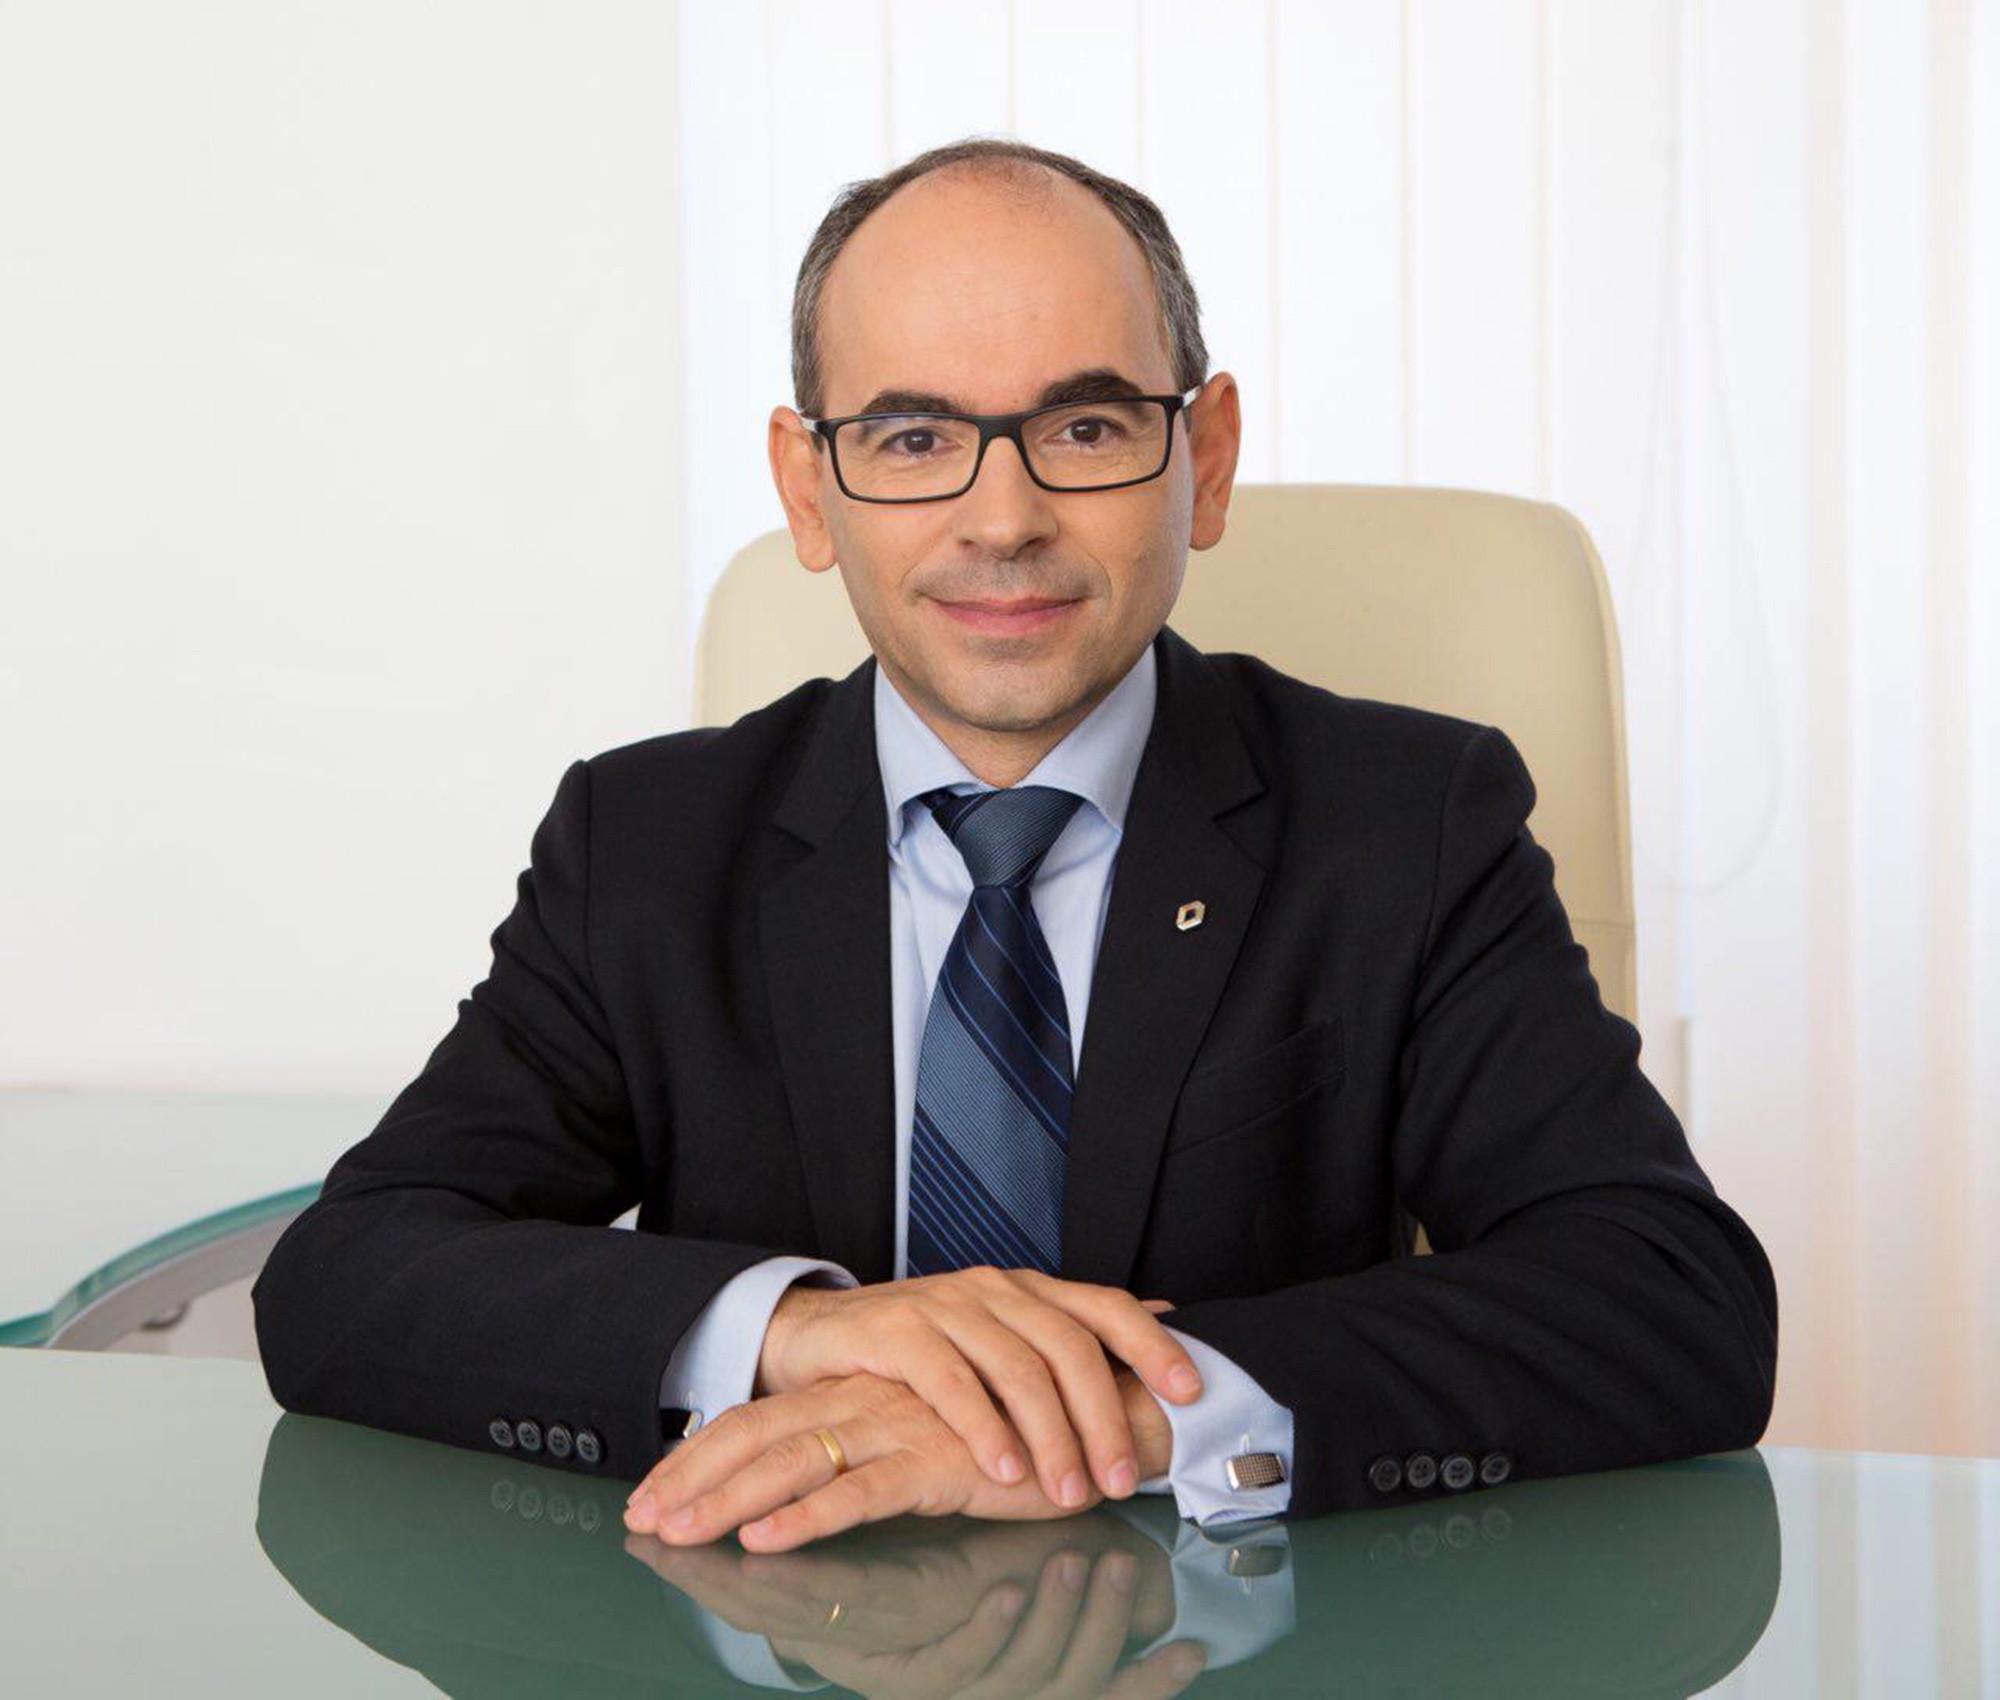 глава отдела развития сети renault